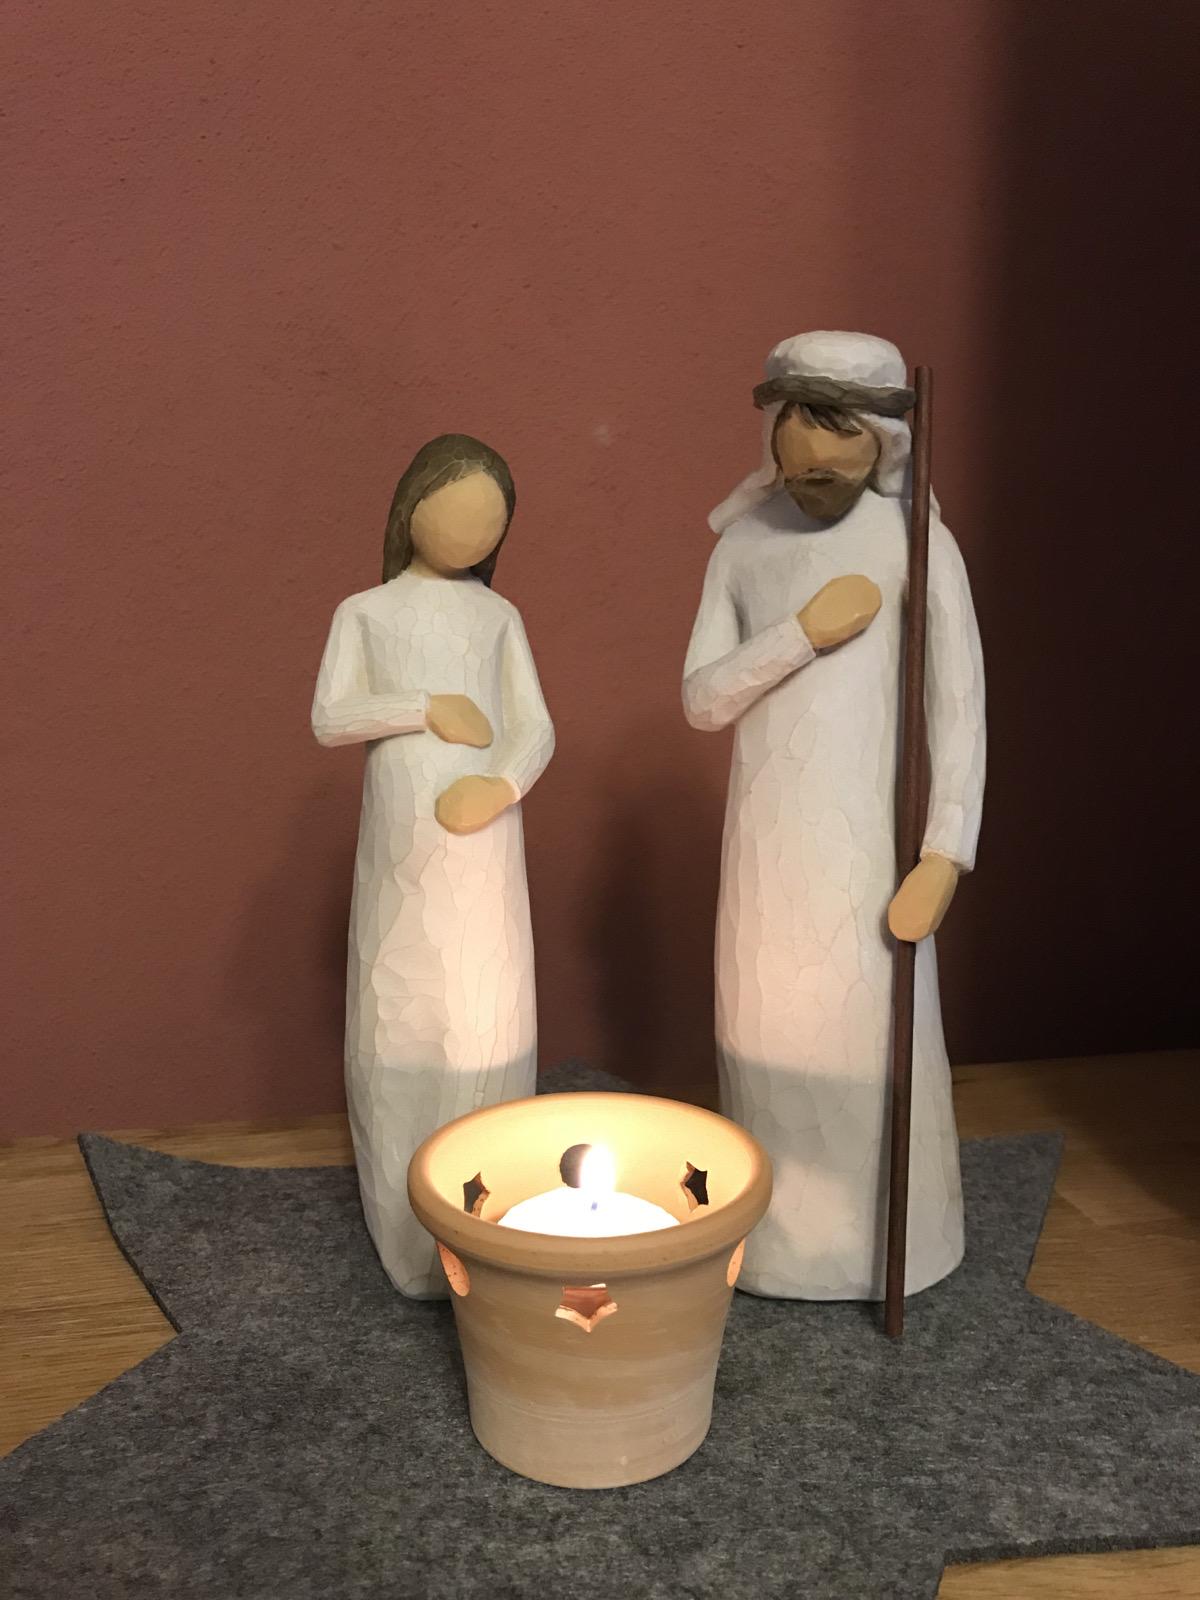 Wir haben am 1. Dezember Maria und Josef eine Herberge gegeben, bei uns in der Stube ist es schön warm und heimelig